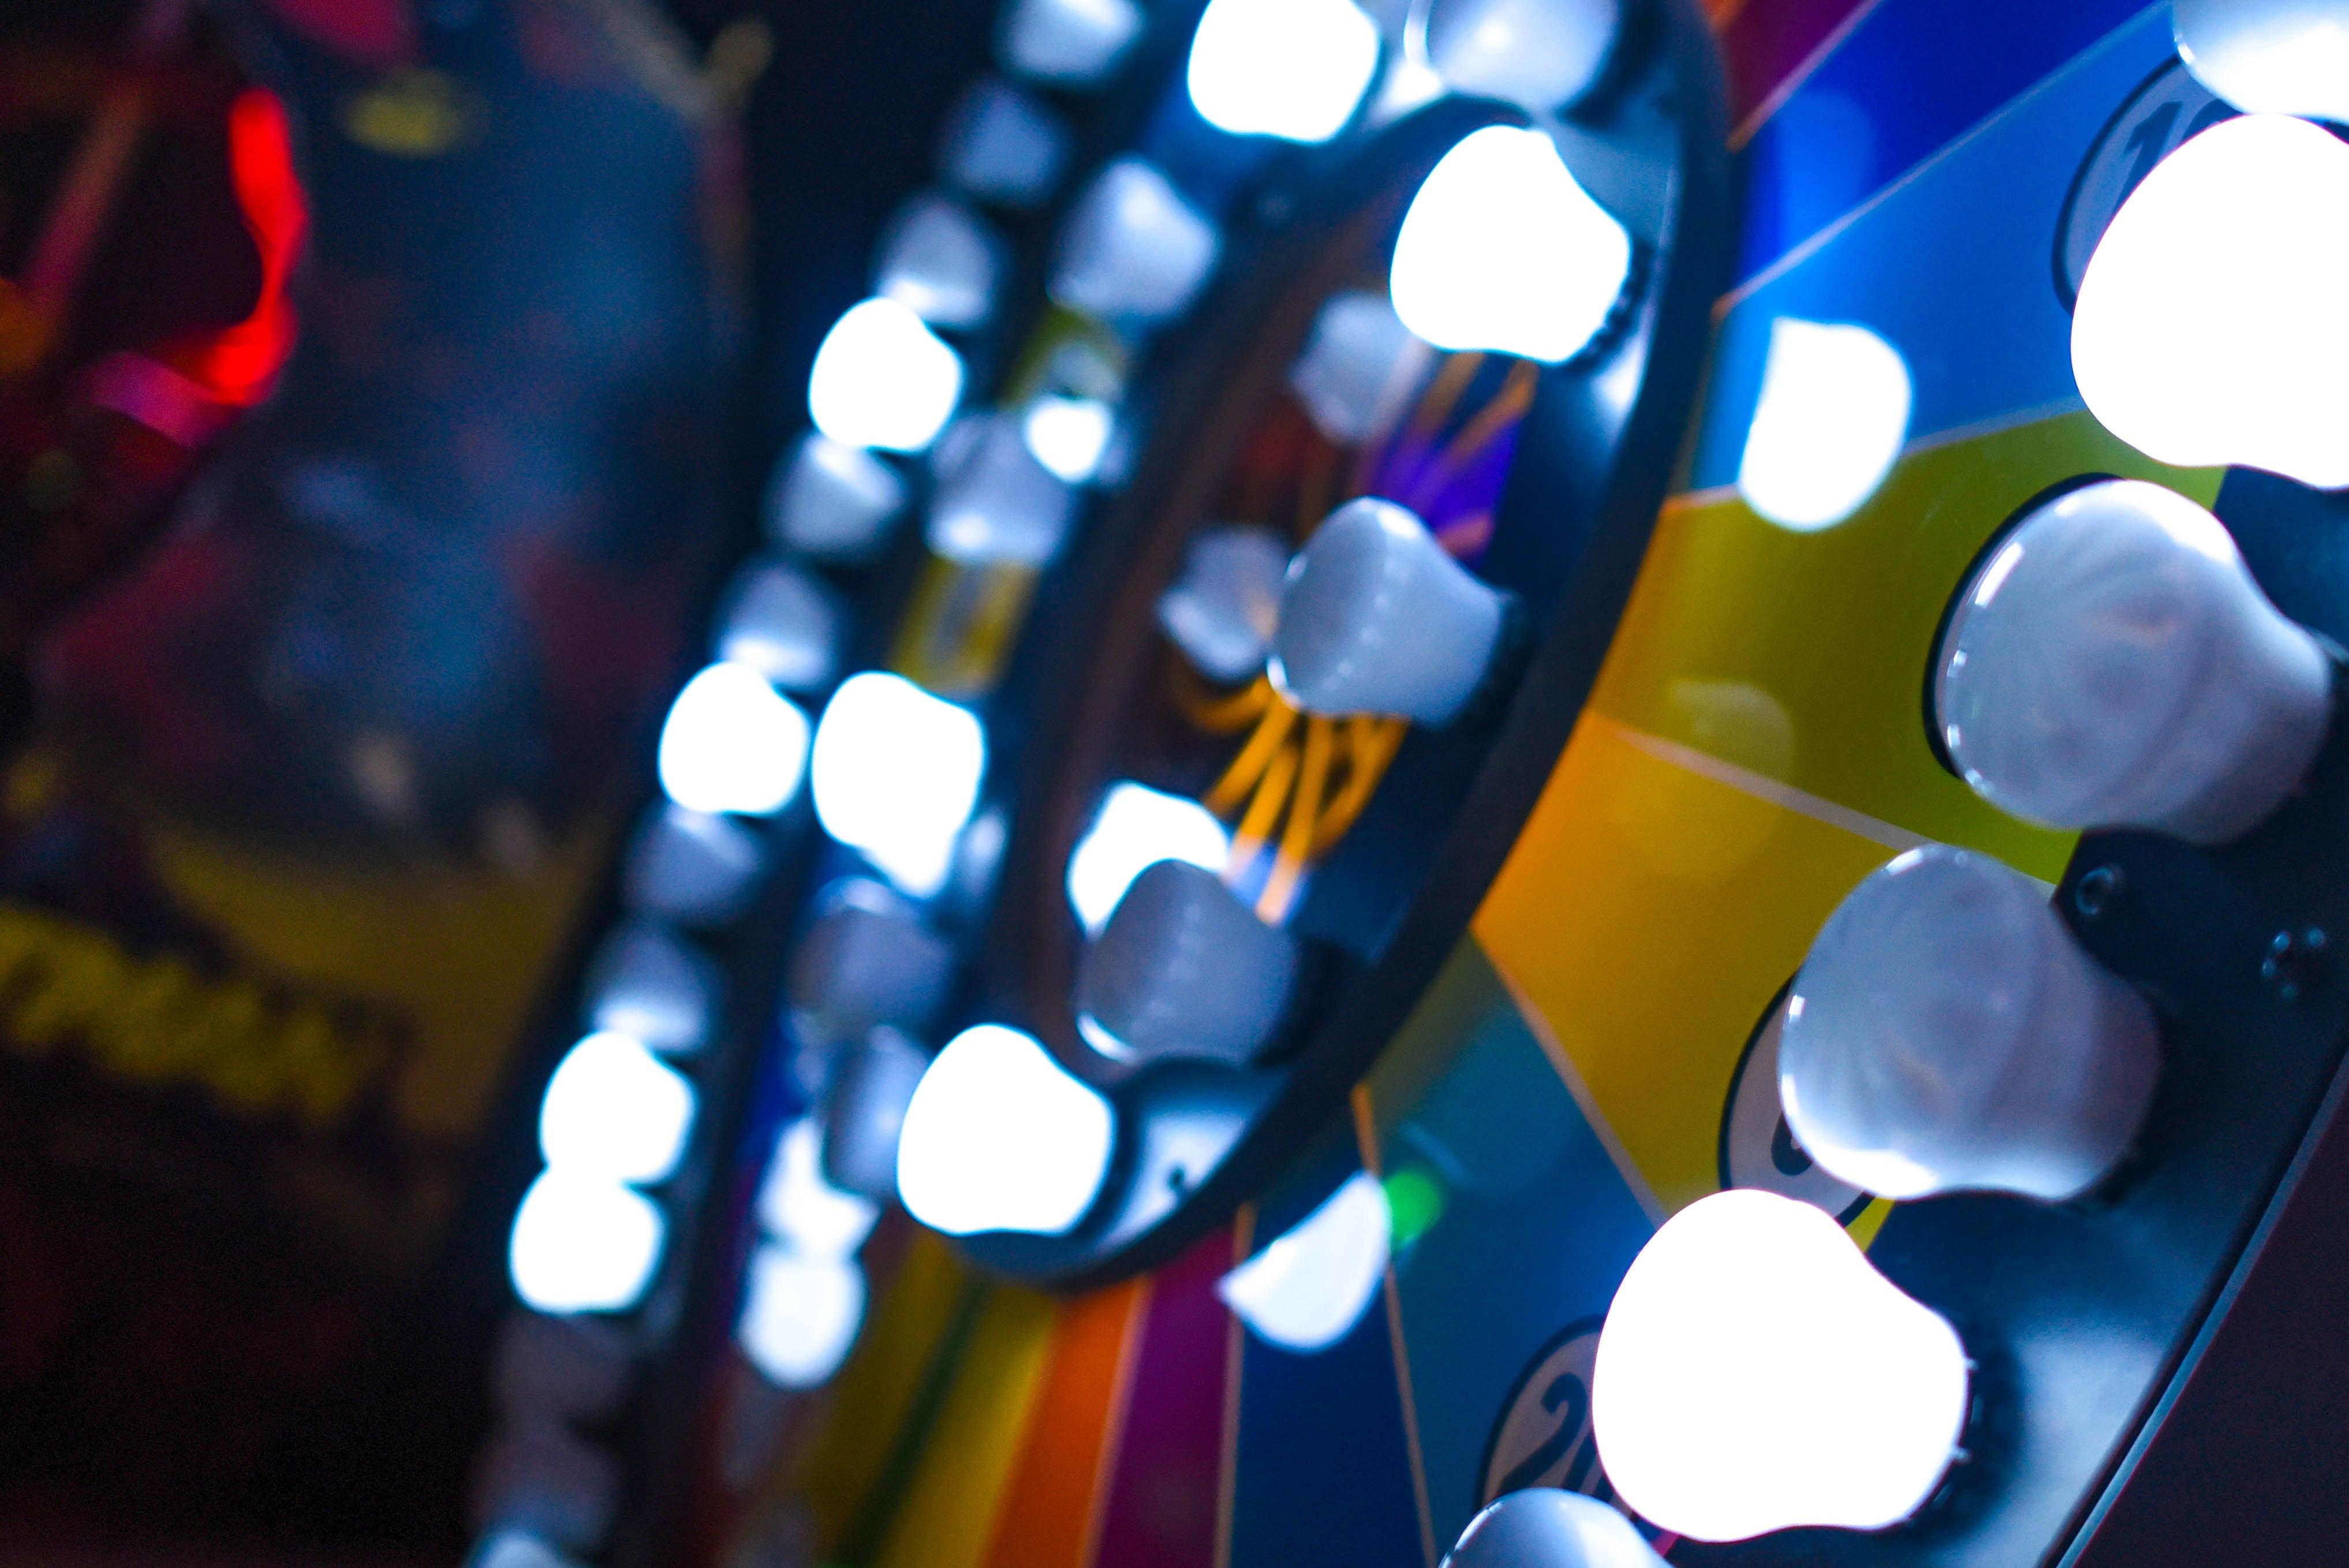 hình ảnh : vui chơi giải trí, công viên giải trí, giải trí, lờ mờ, màu sắc, tiêu điểm, Trò chơi, Chơi game, bóng đèn, Đèn, hết lượt, người chiến thắng ...